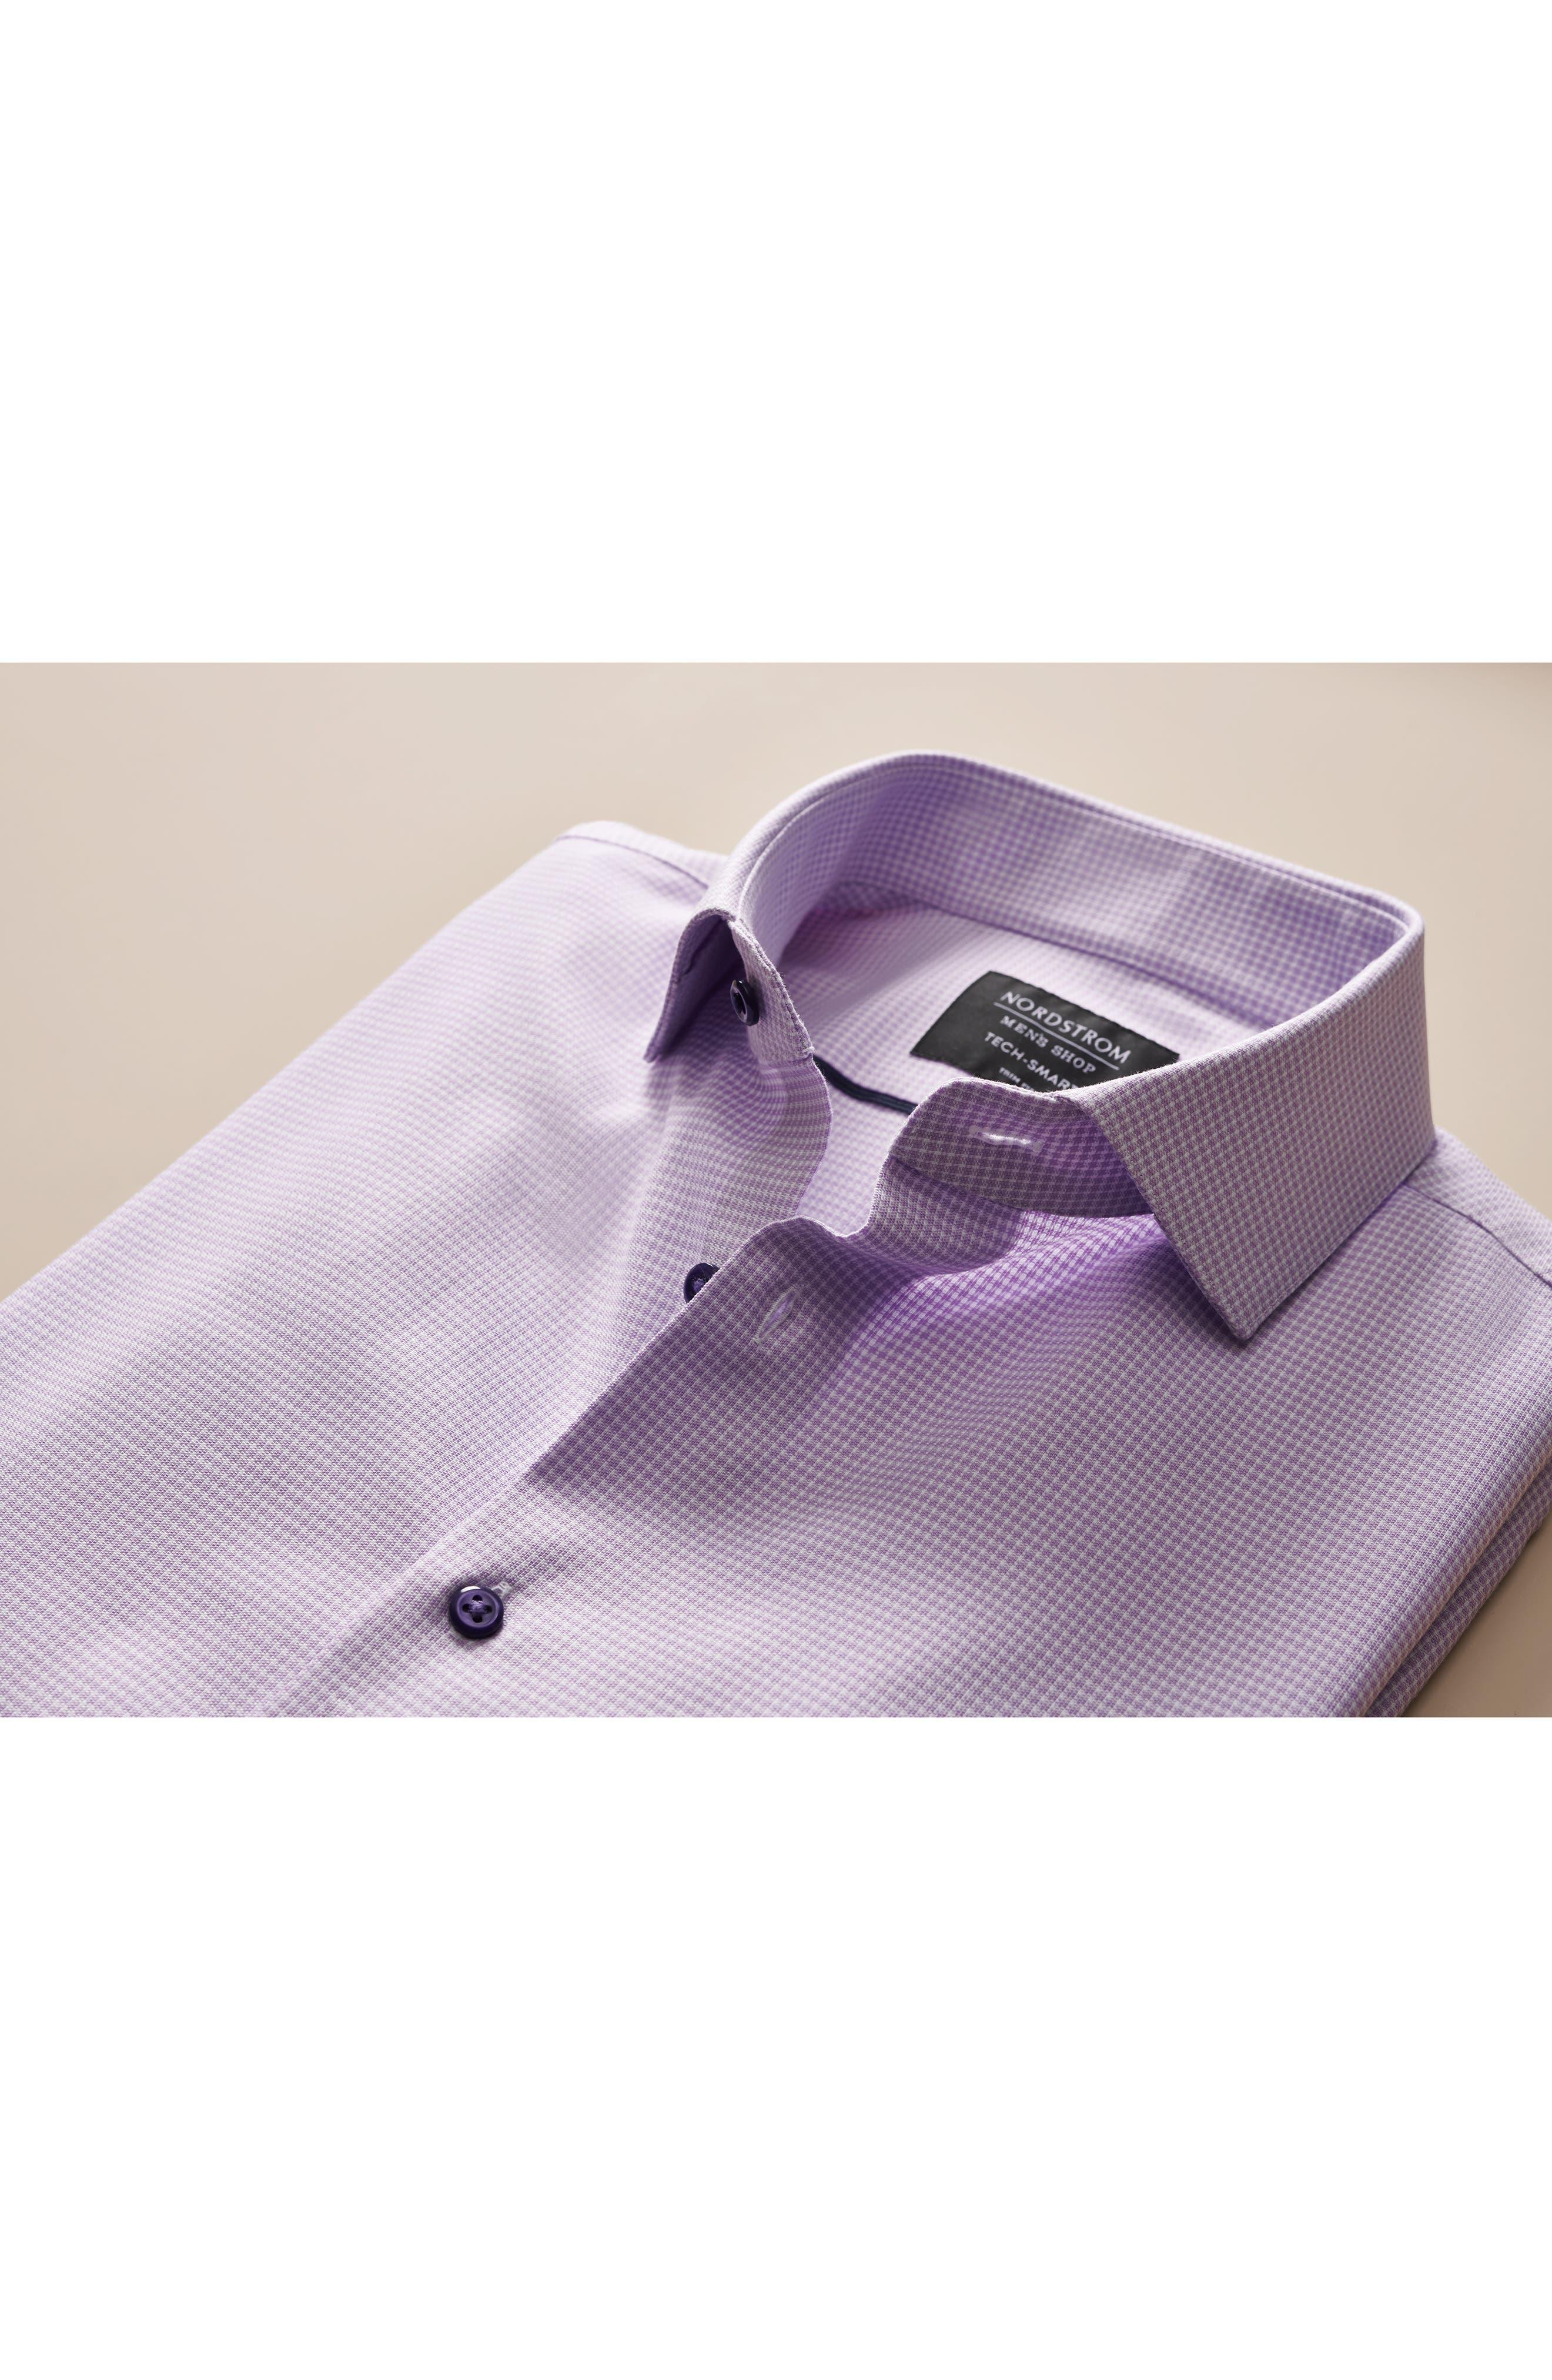 NORDSTROM MEN'S SHOP,                             Tech-Smart Trim Fit Stretch Texture Dress Shirt,                             Alternate thumbnail 13, color,                             BLUE HYDRANGEA